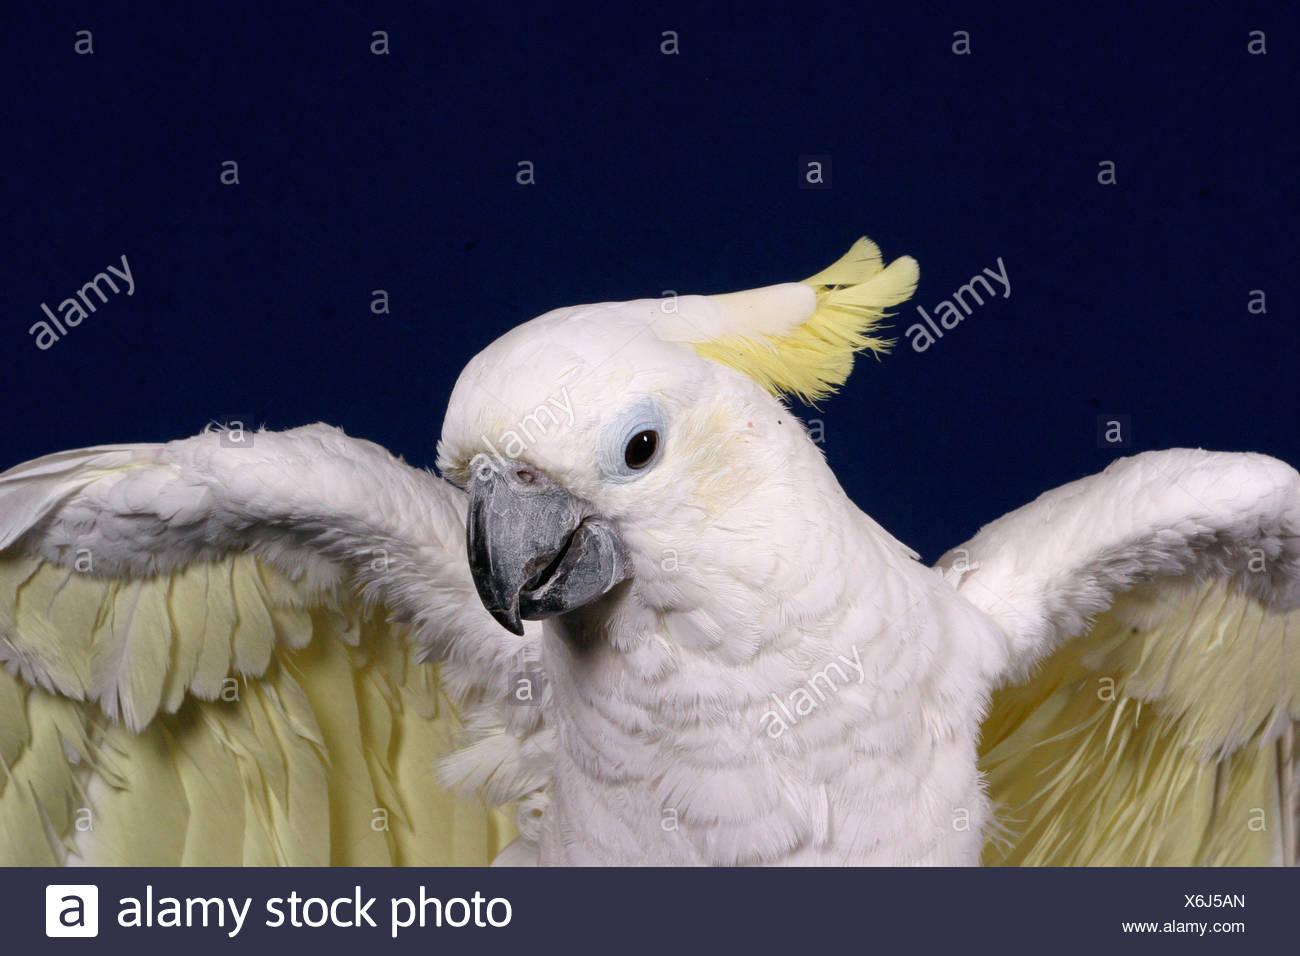 Gelbwangenkakadu / Cockatoo Stock Photo